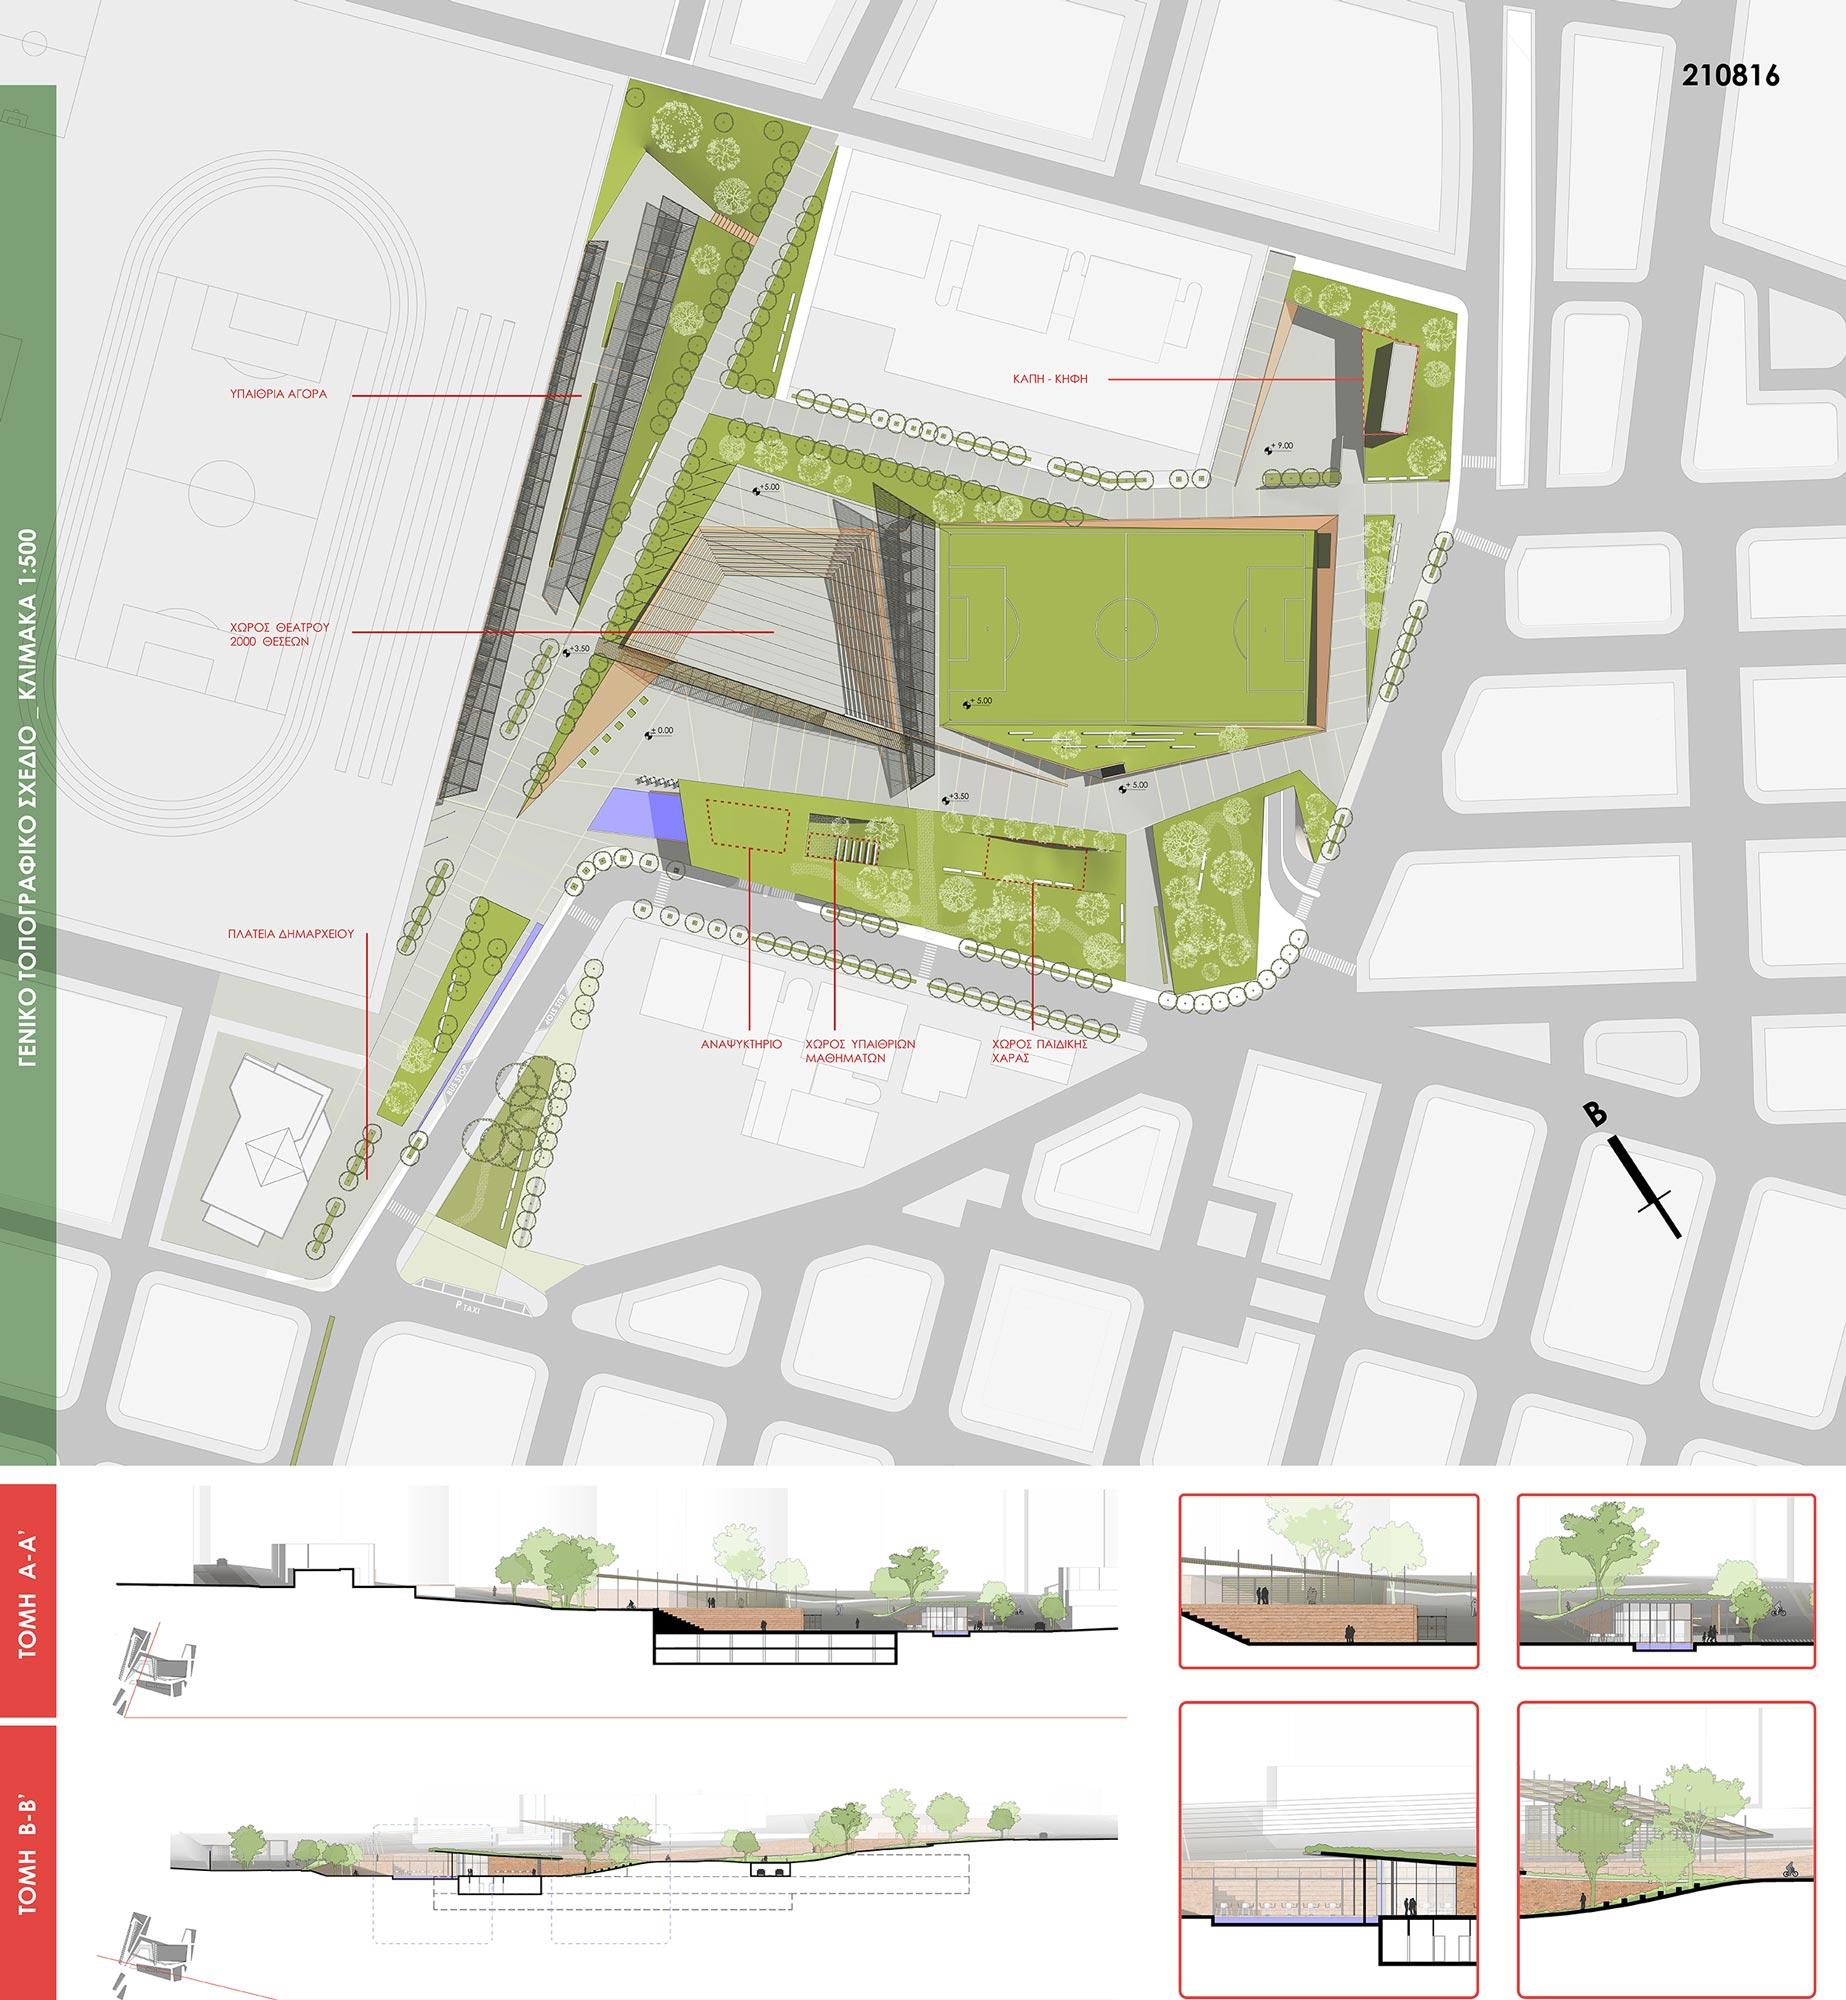 valkaniki_square (3).jpg